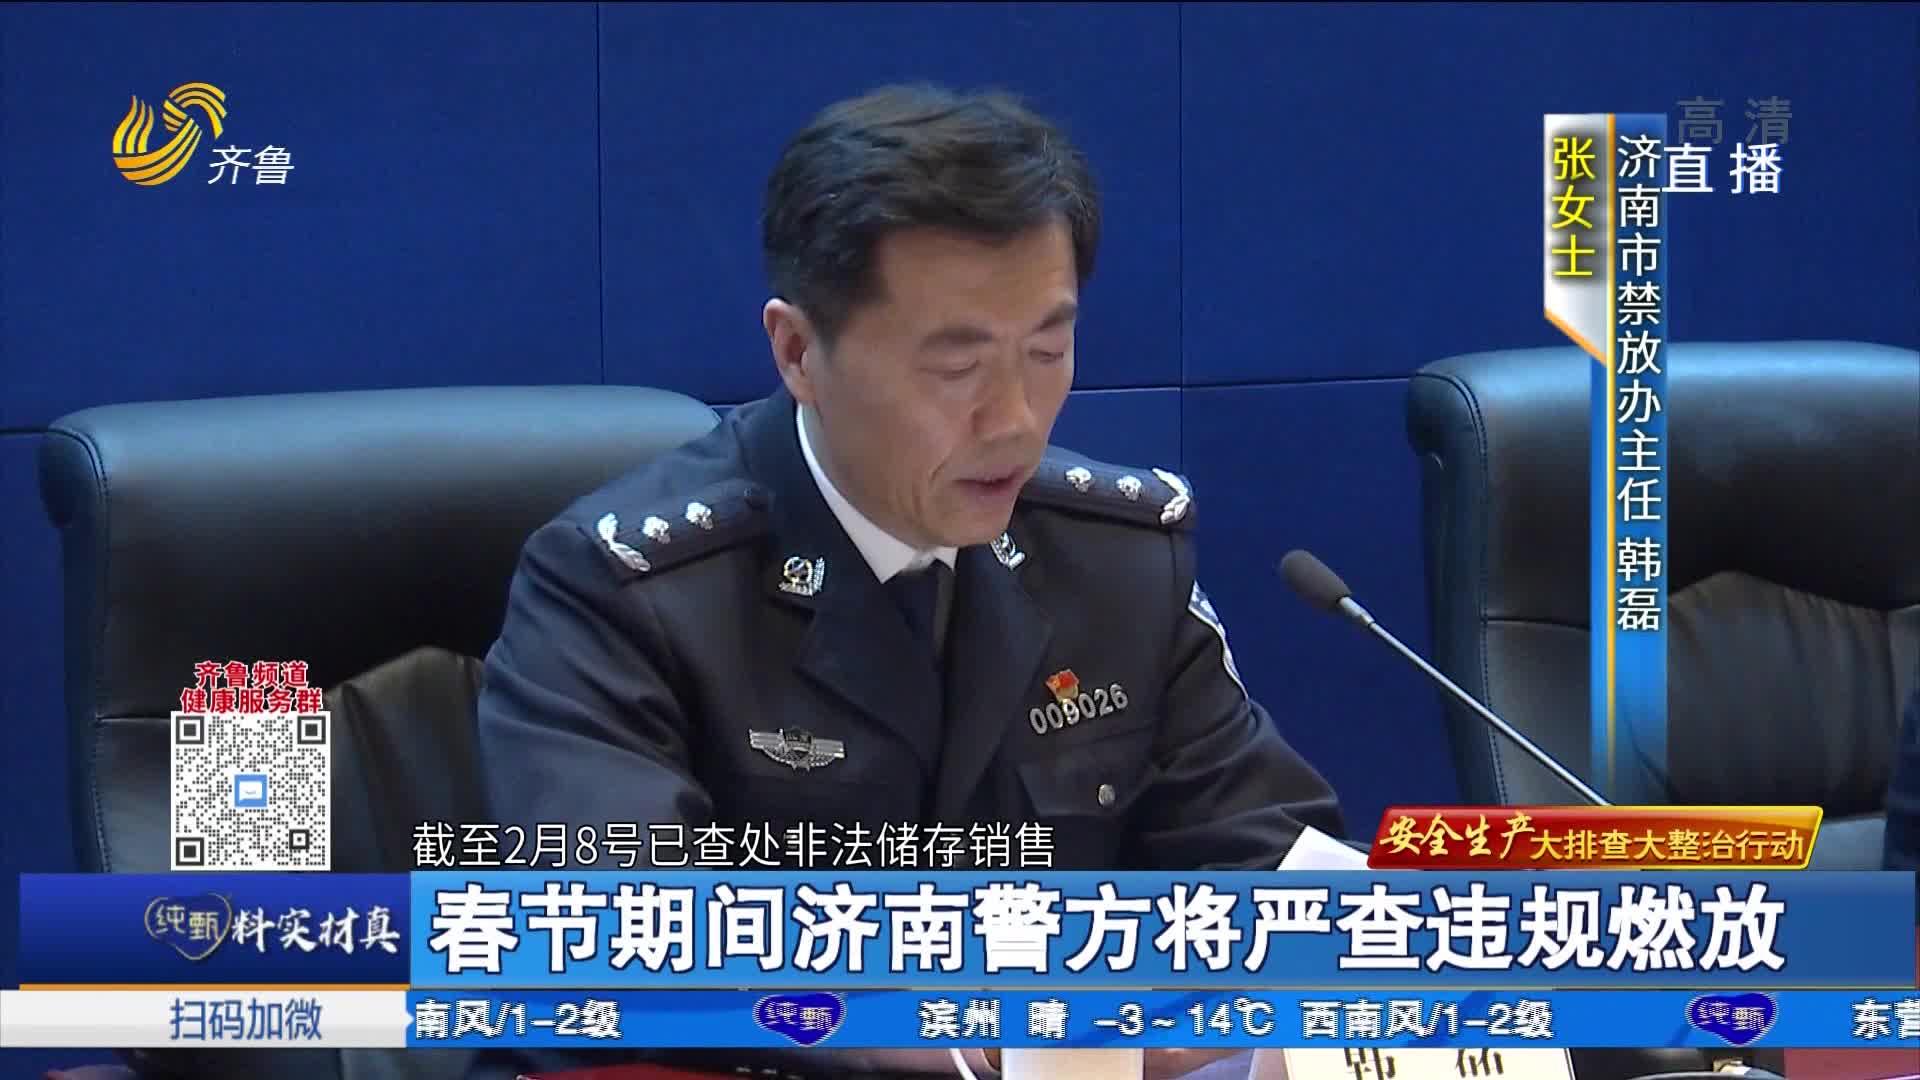 春节期间济南警方将严查违规燃放